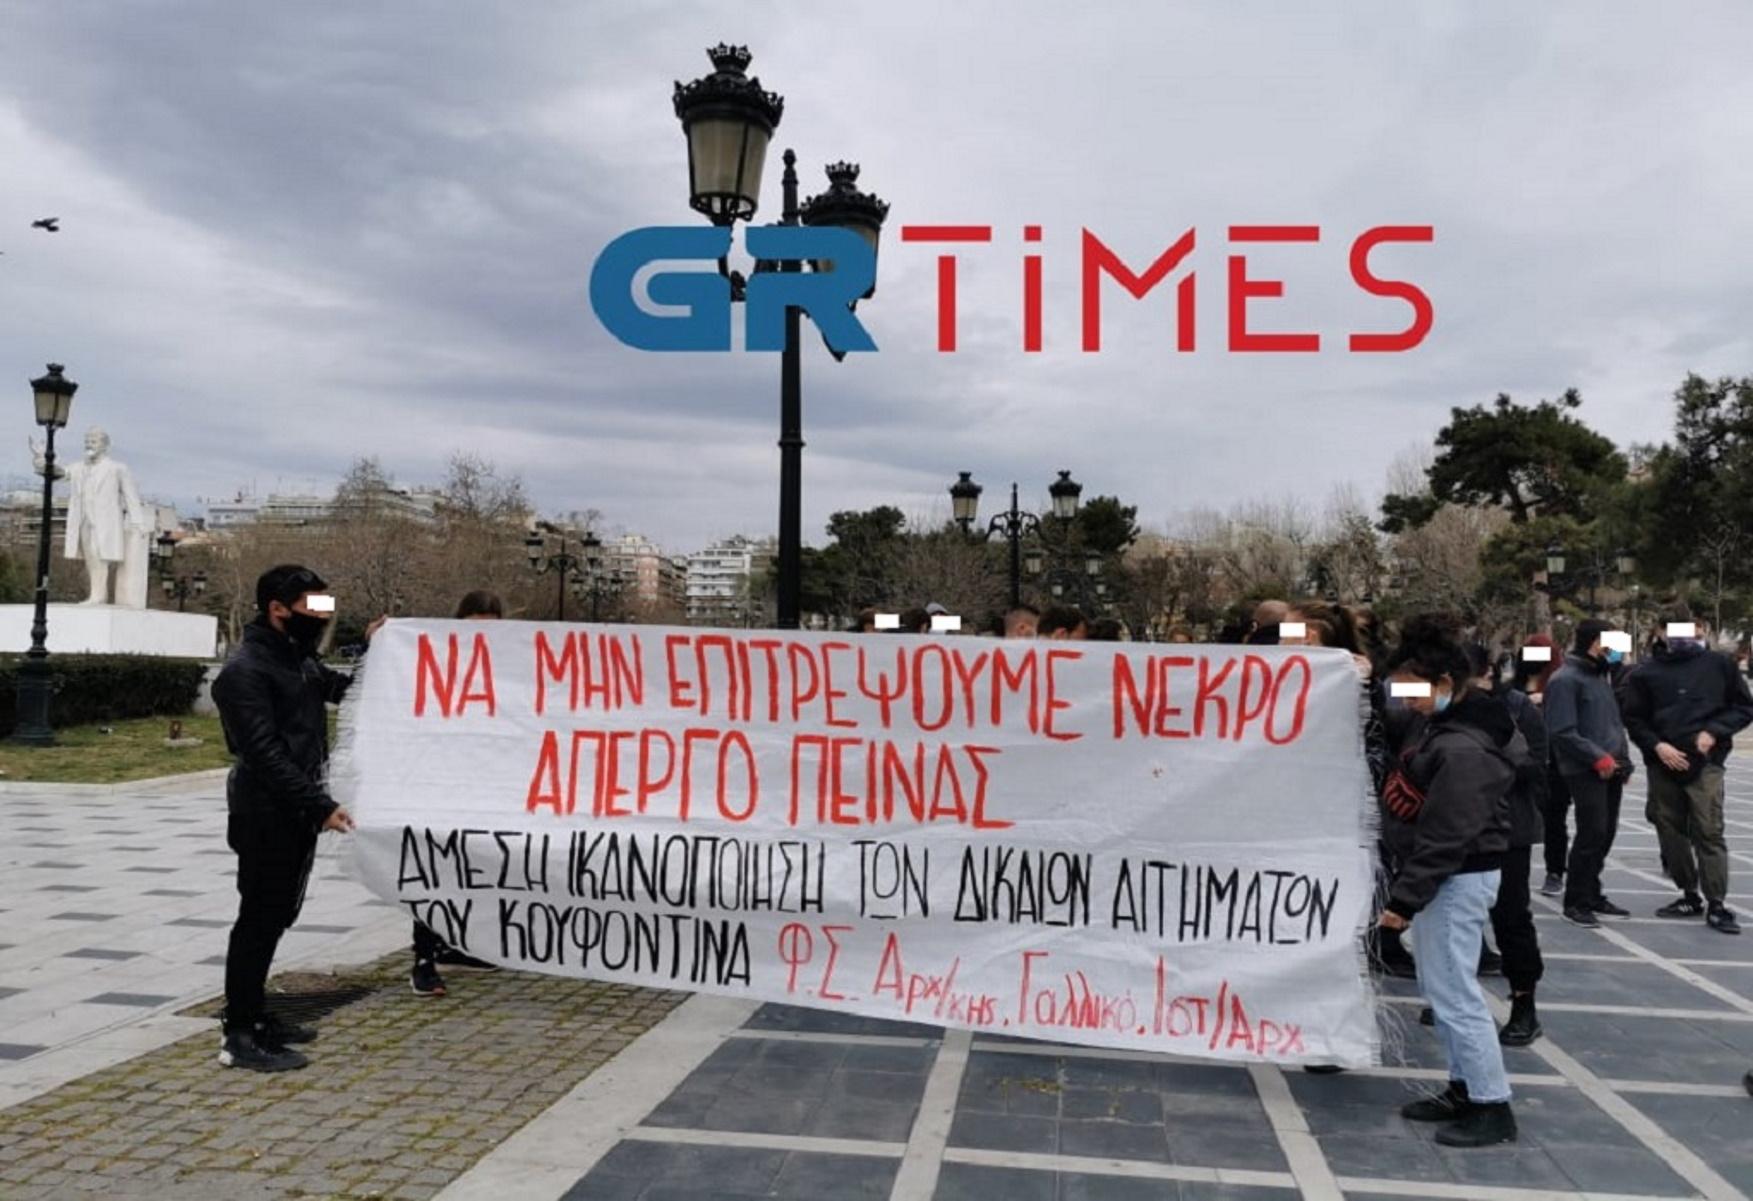 Θεσσαλονίκη: Νέα συγκέντρωση για τον Κουφοντίνα – «Όχι νεκρός απεργός πείνας» (pics)